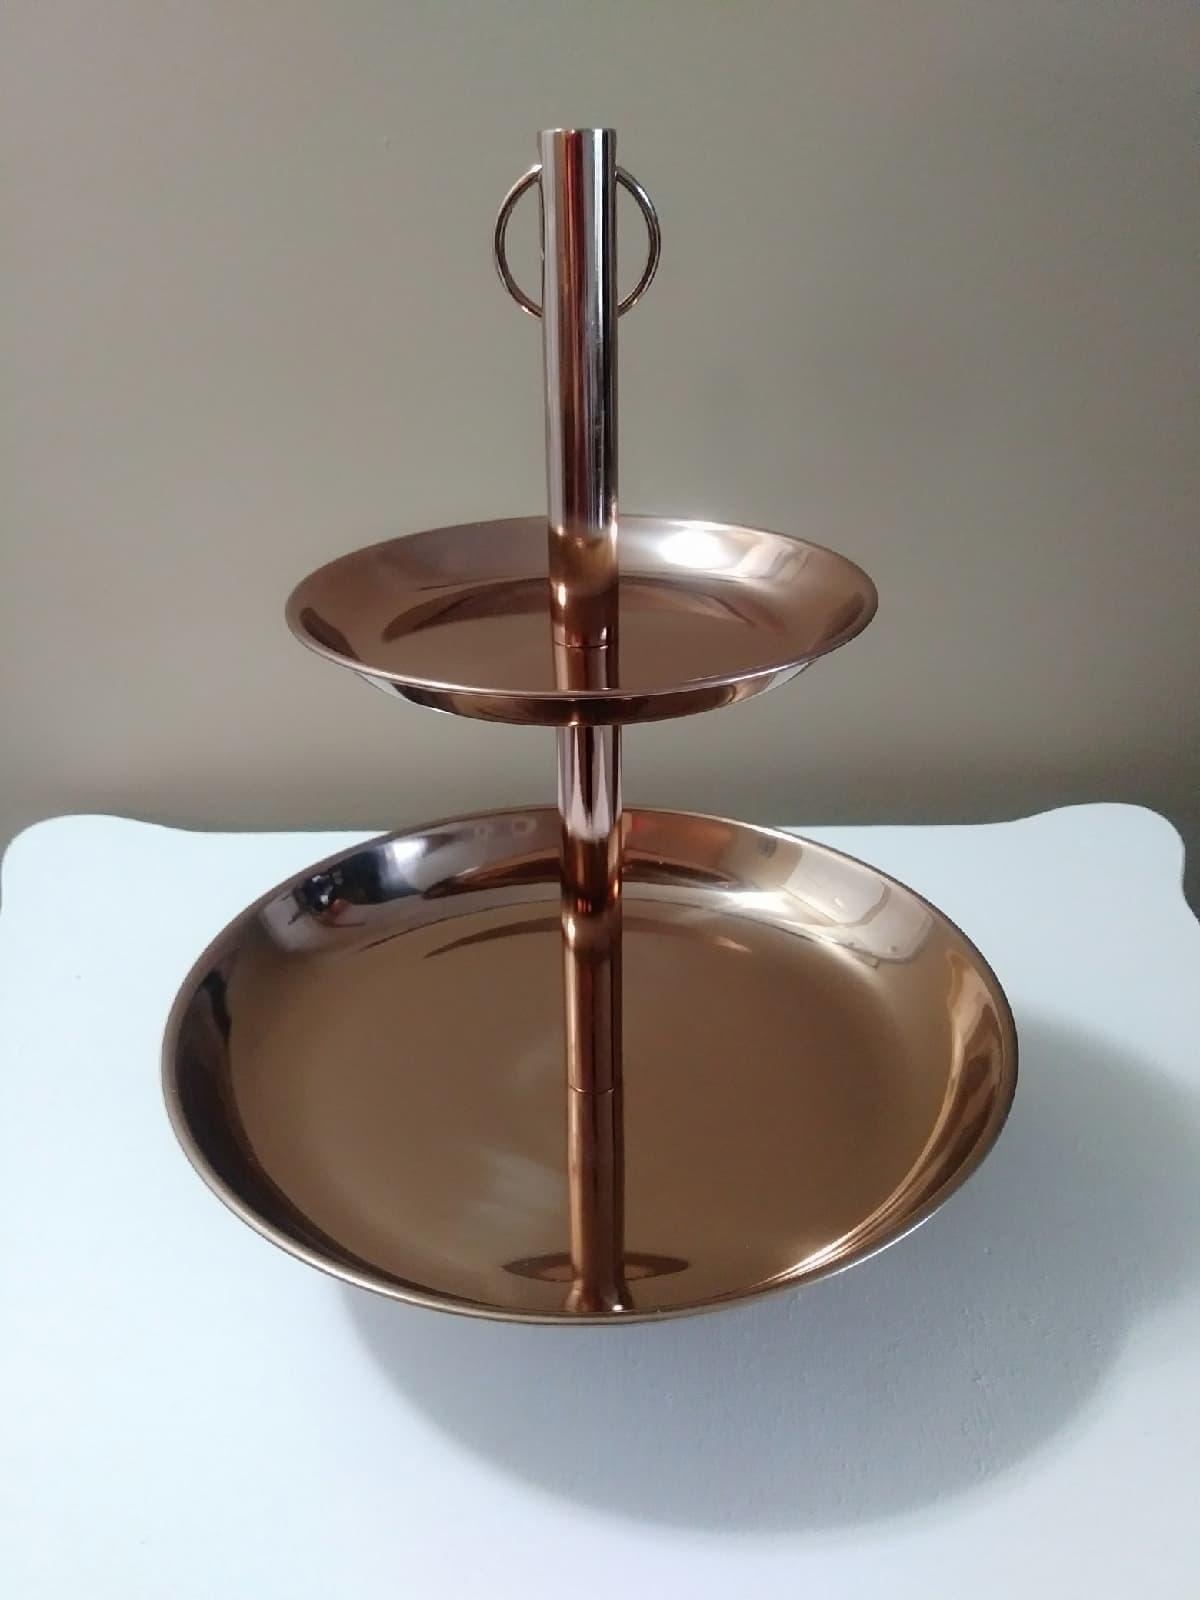 2 Tier Bronze Dessert Tray - $5.00